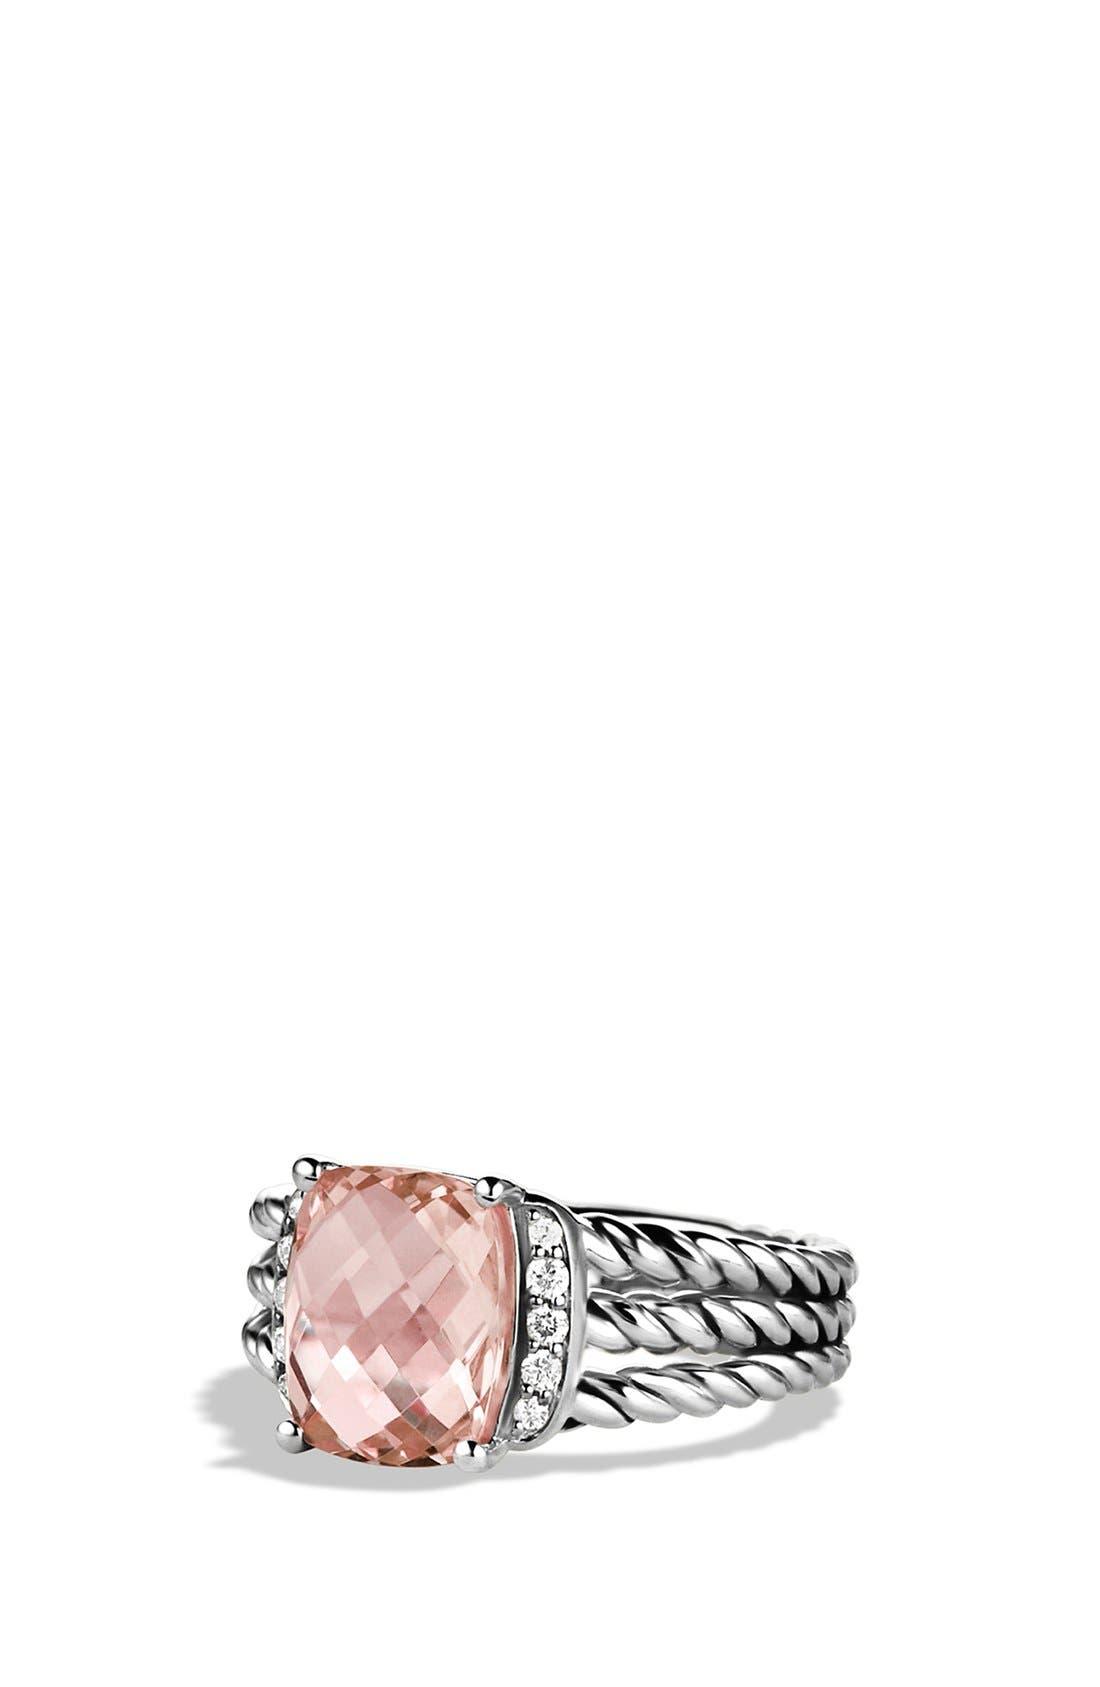 Alternate Image 1 Selected - David Yurman 'Wheaton' Petite Ring with Semiprecious Stone & Diamonds